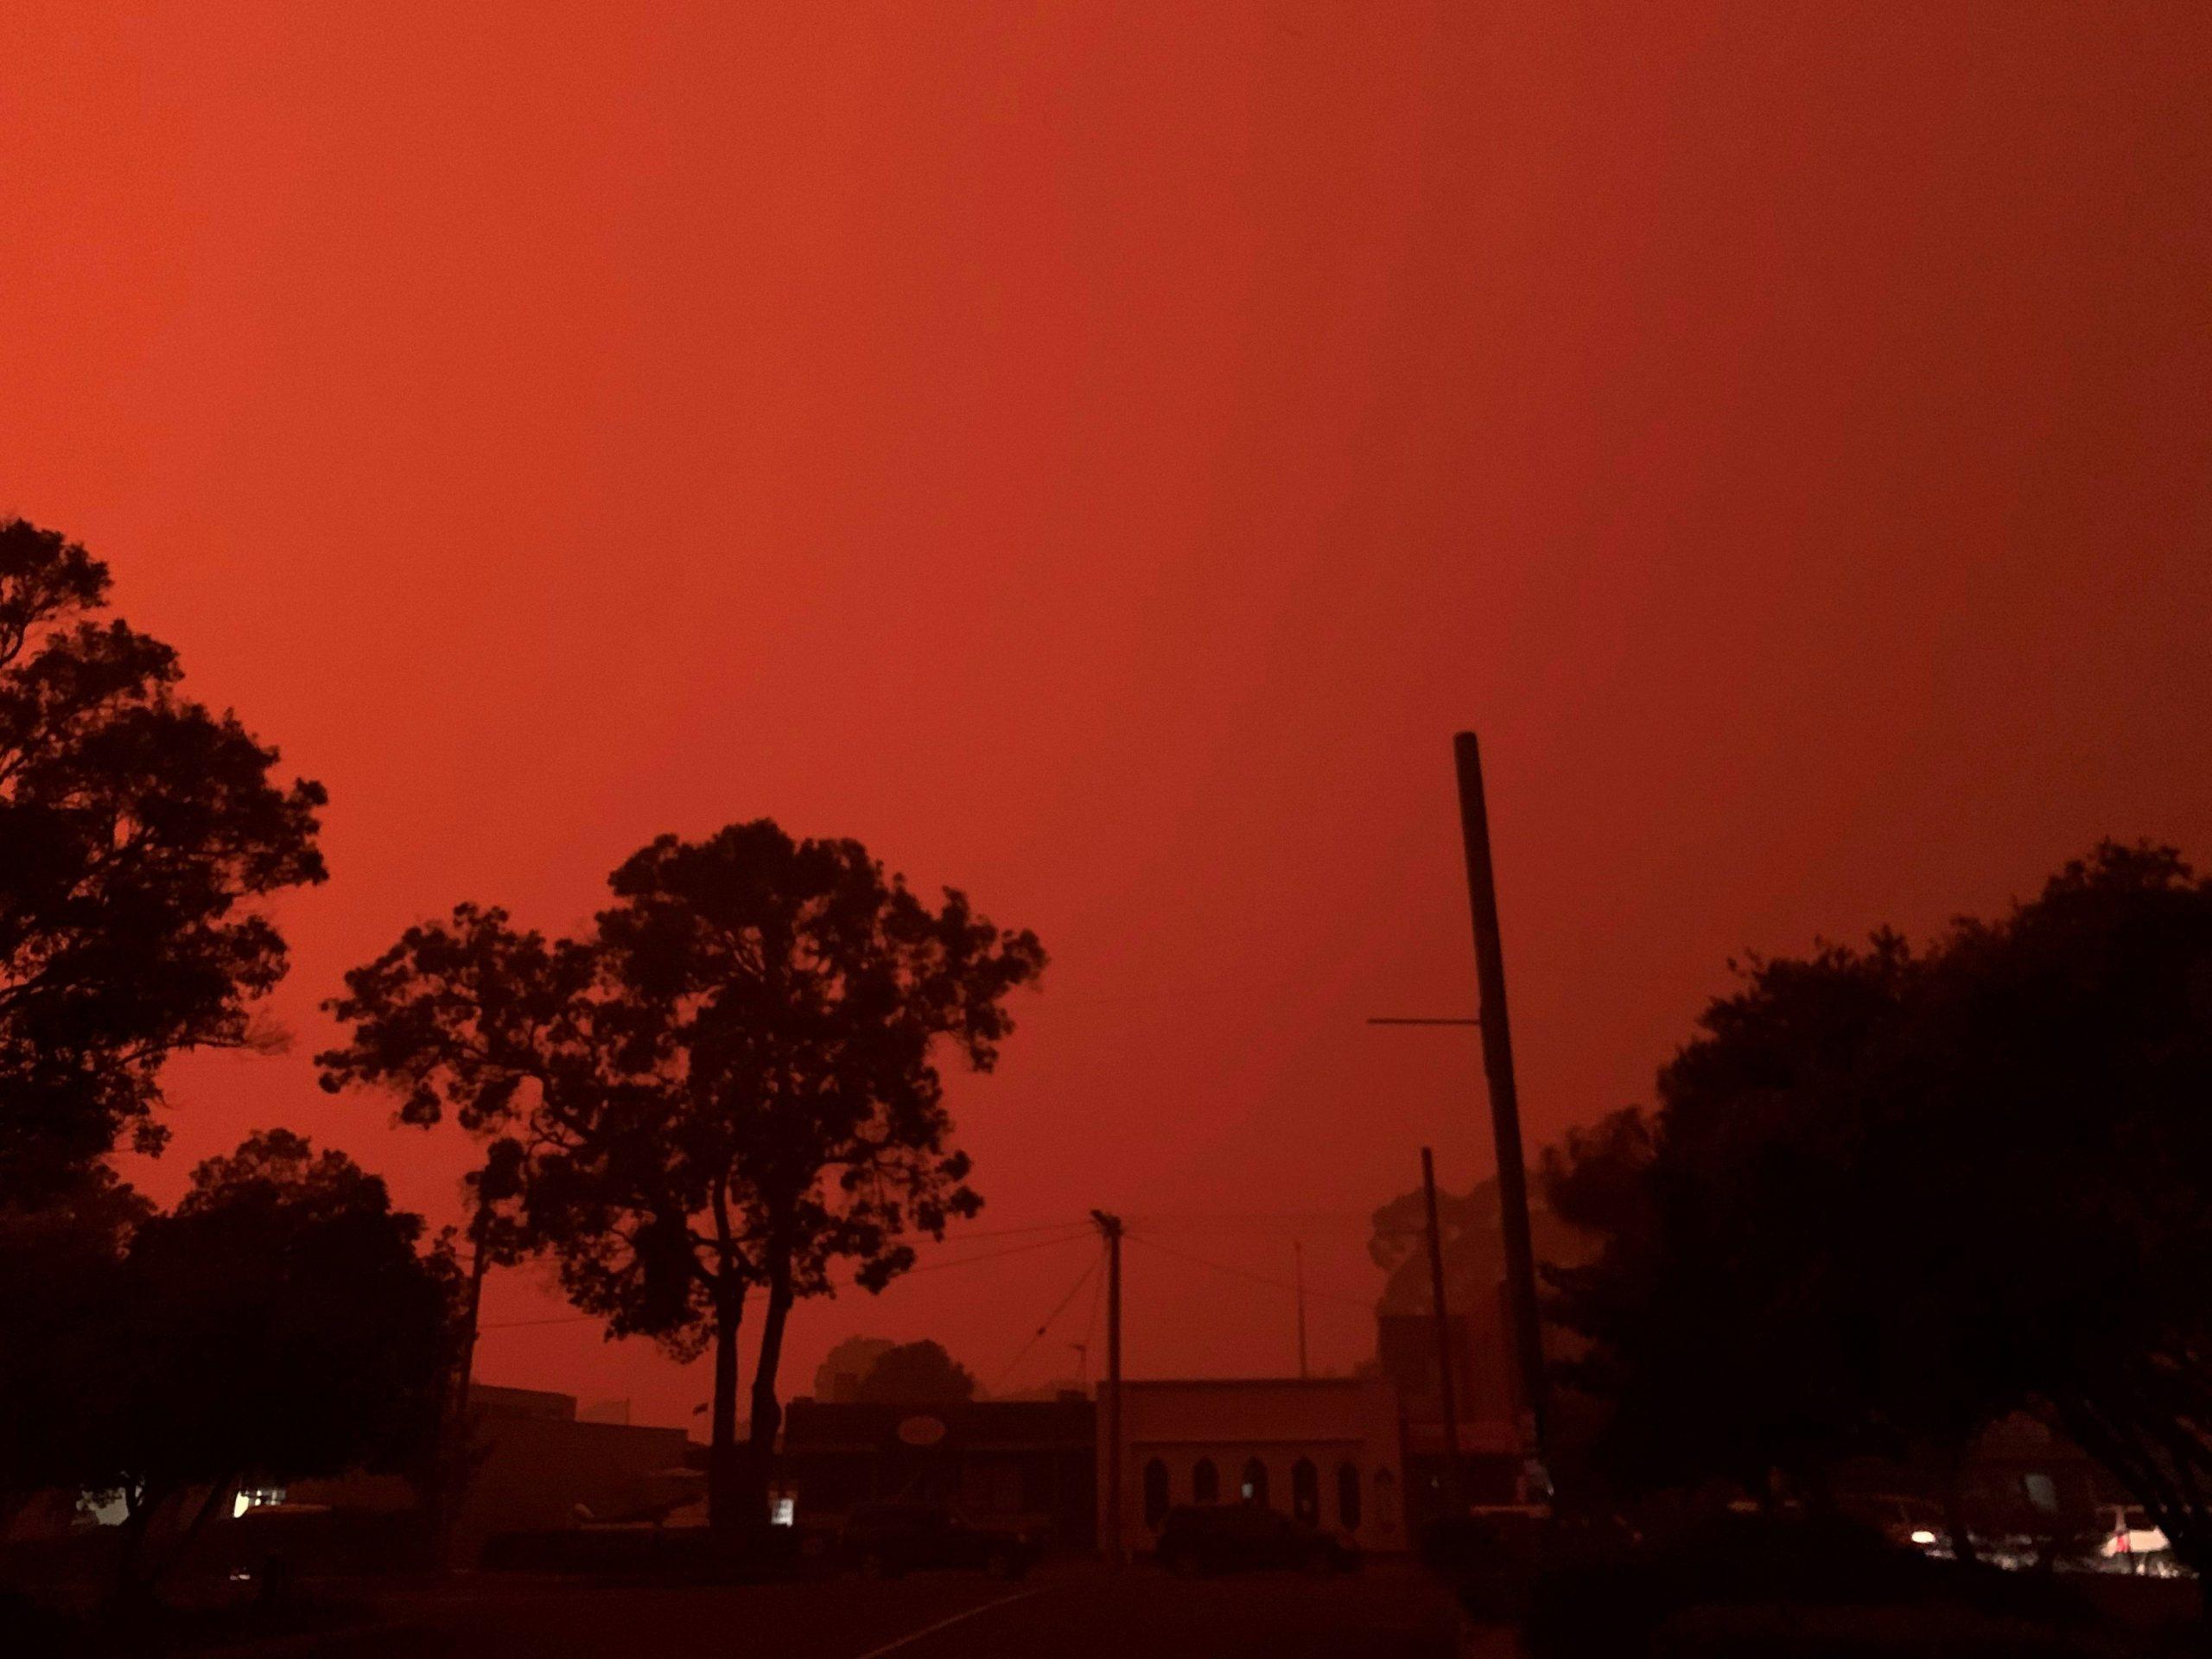 A cor do céu se transforma em vermelho na cidade de Mallacoota, Austrália, devido aos incêndios   31/12/2019